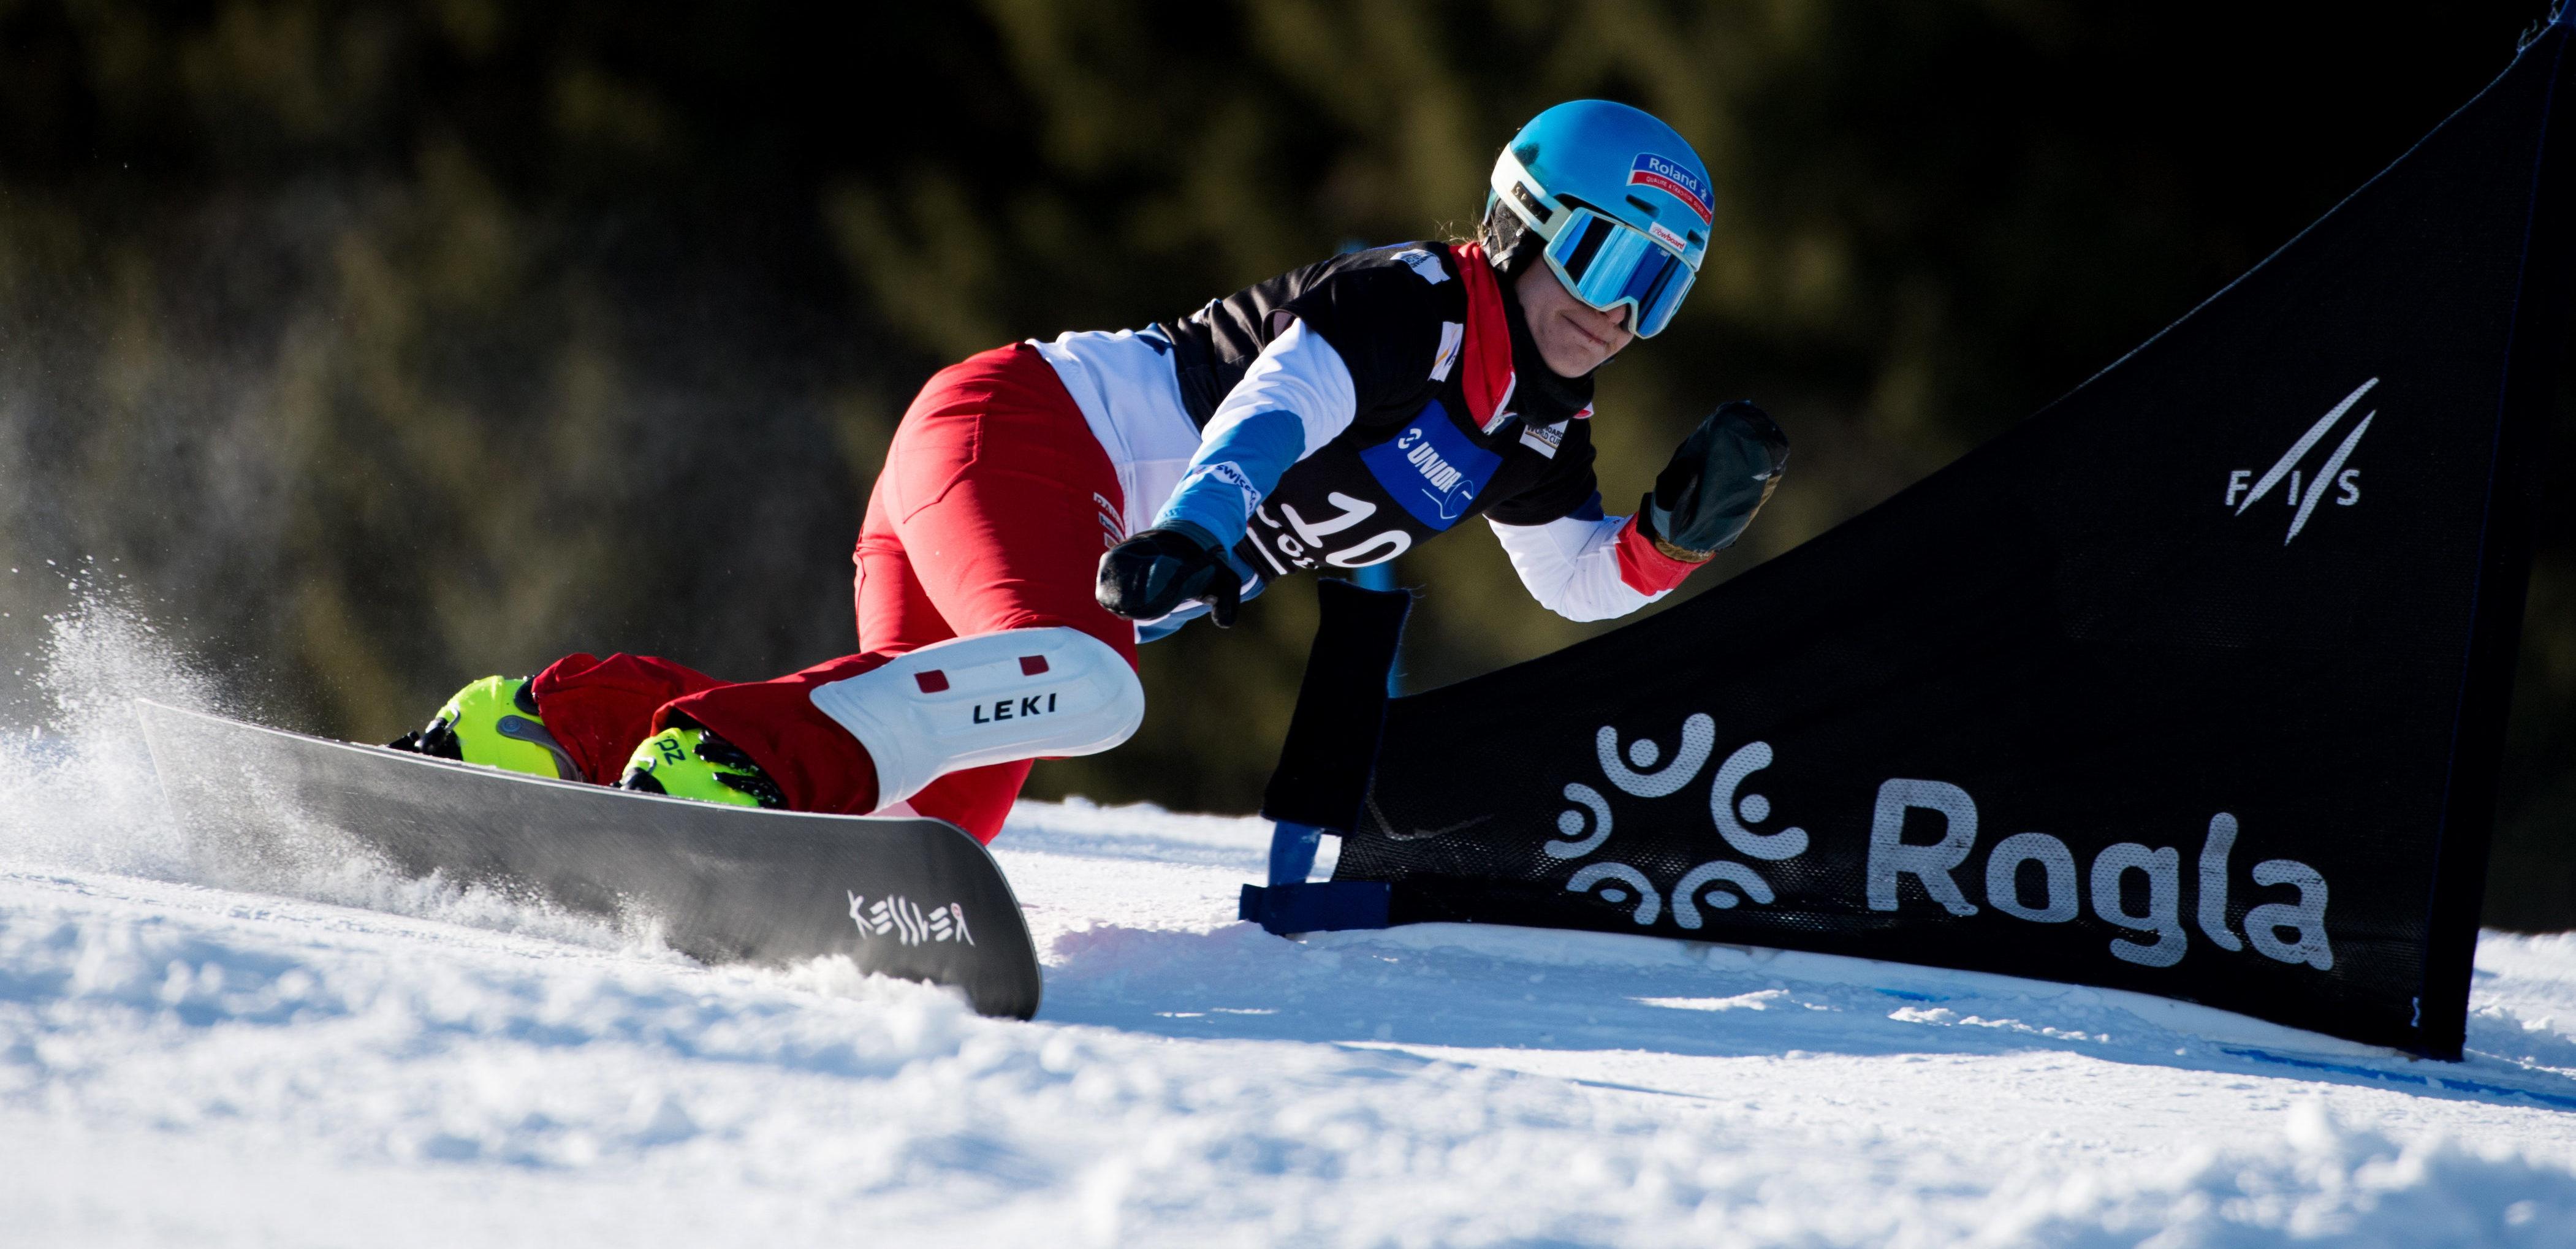 Patrizia Kummer wird vom FIS Fotografen Miha Matavz bei m Weltcuprennen in Rogla, Slovenien, abgelichtet.